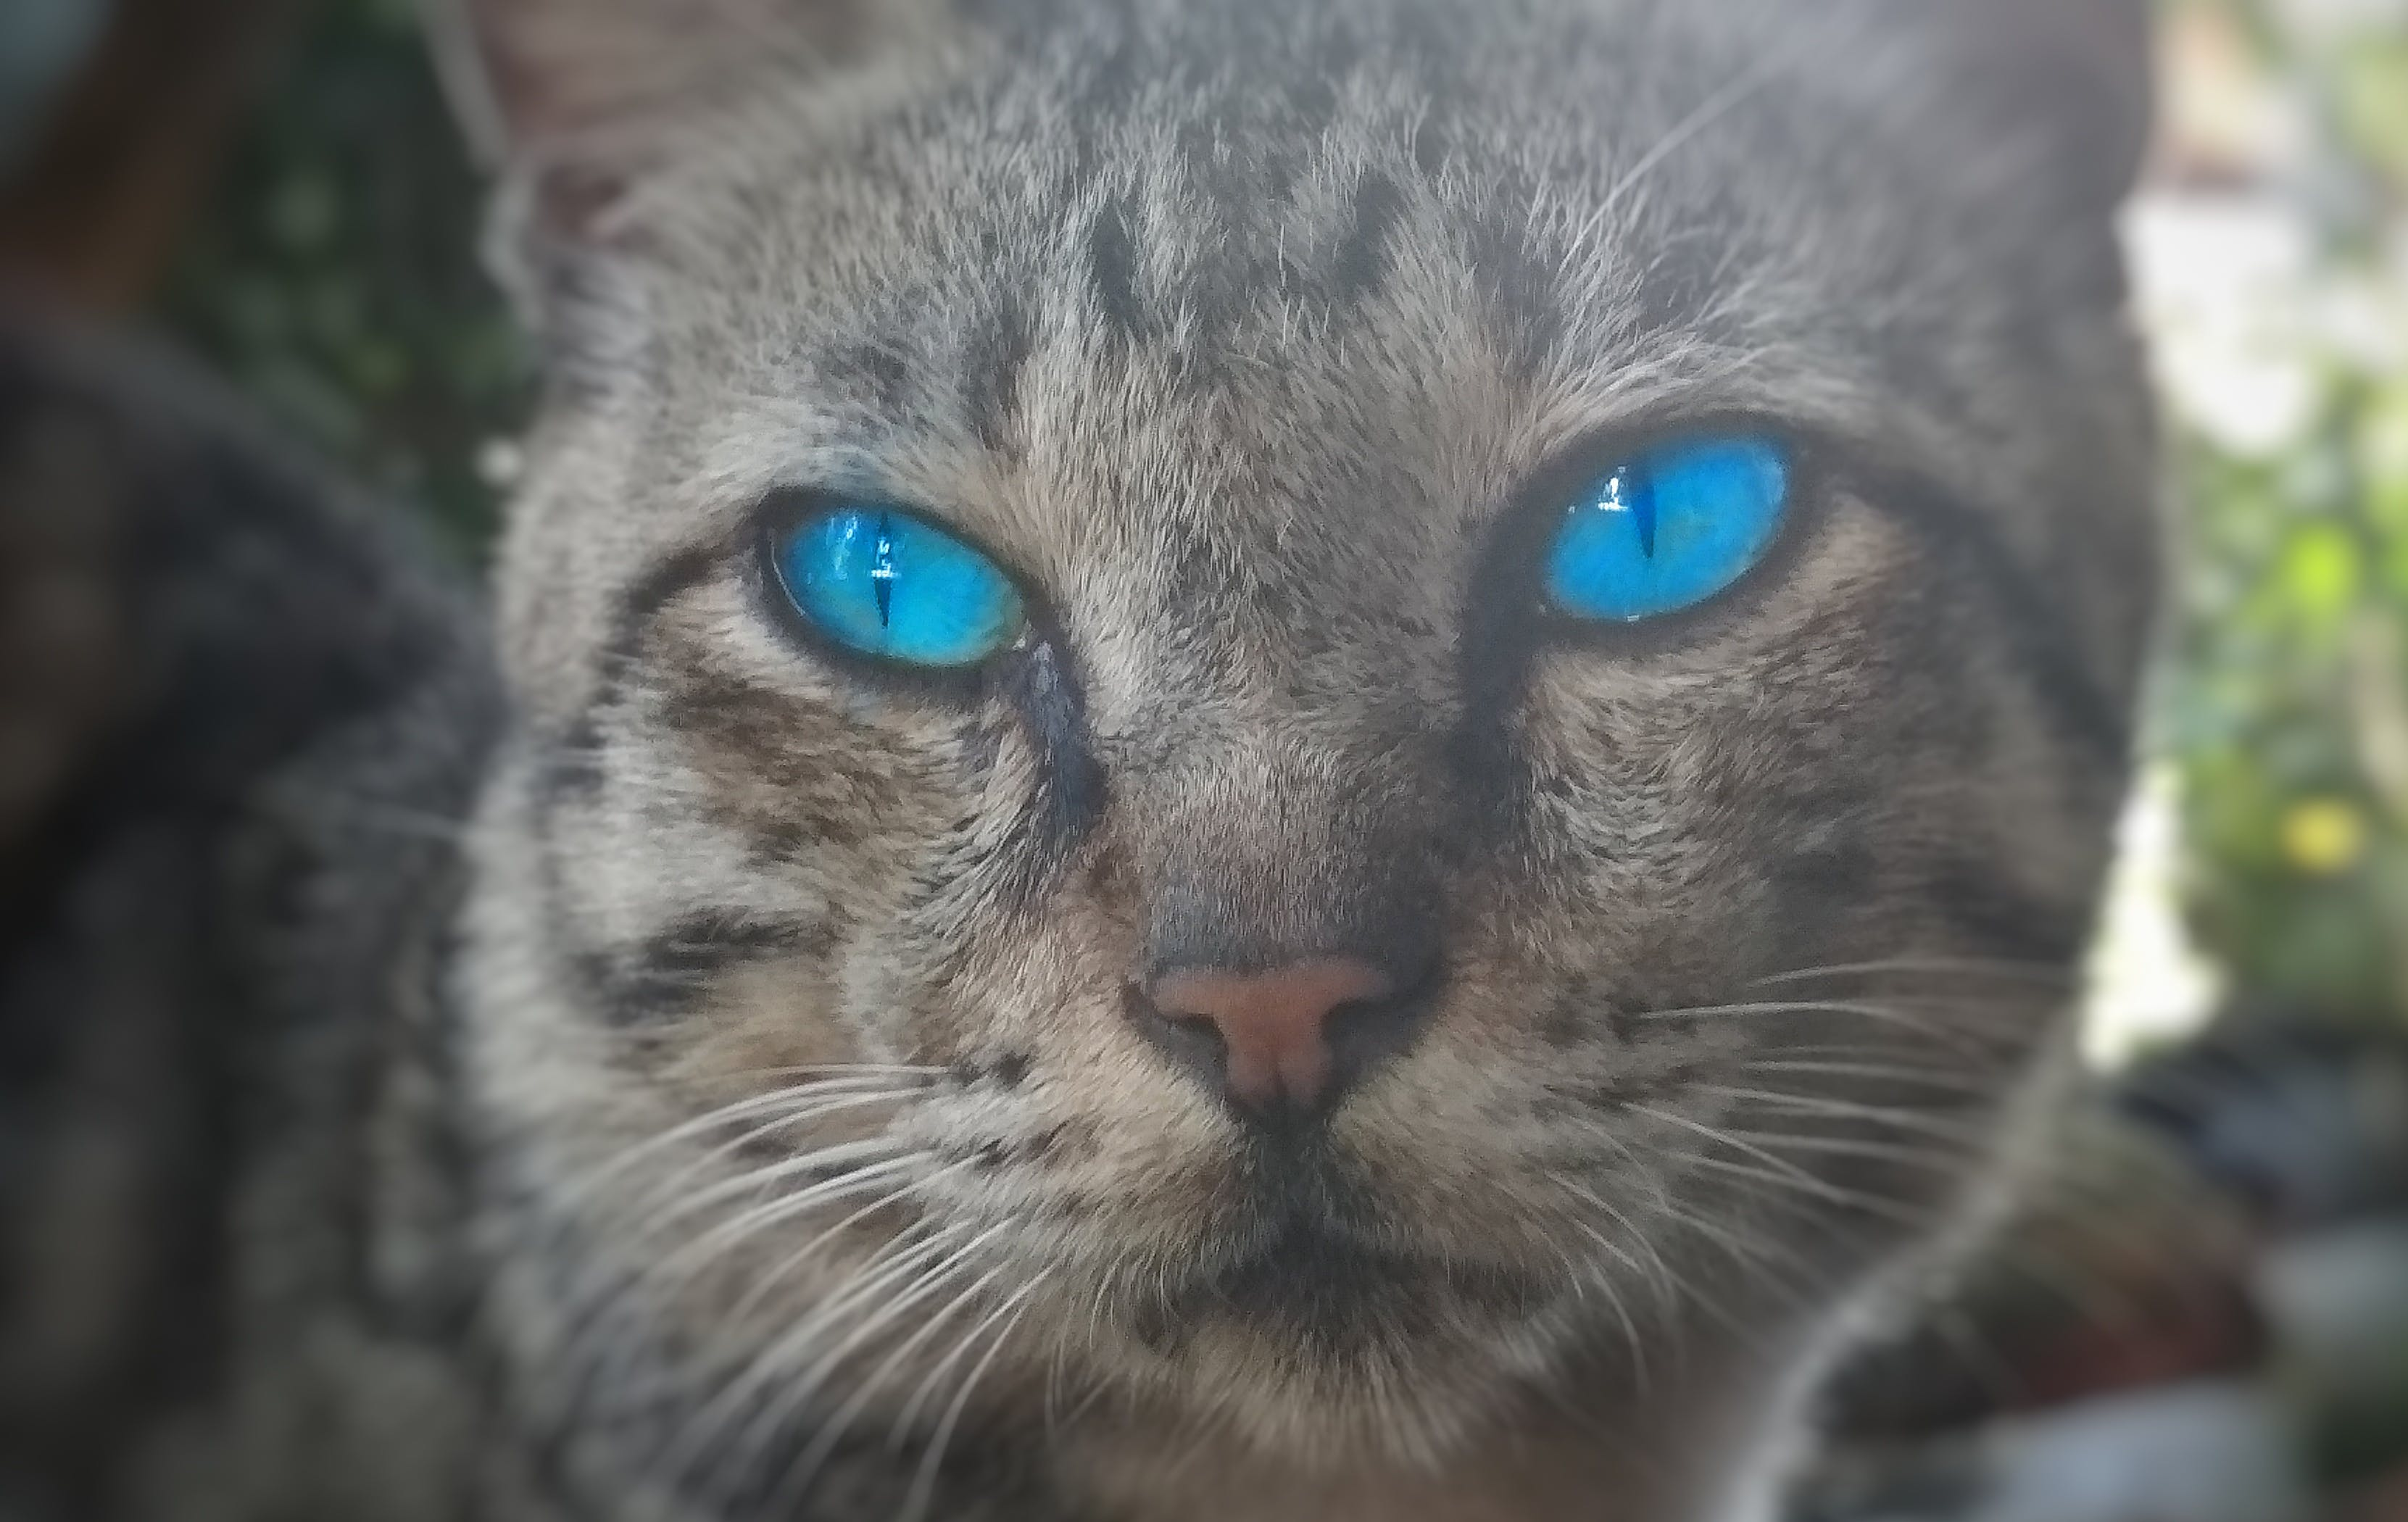 Δωρεάν στοκ φωτογραφιών με Γάτα, γκρι, θολούρα, μάτι